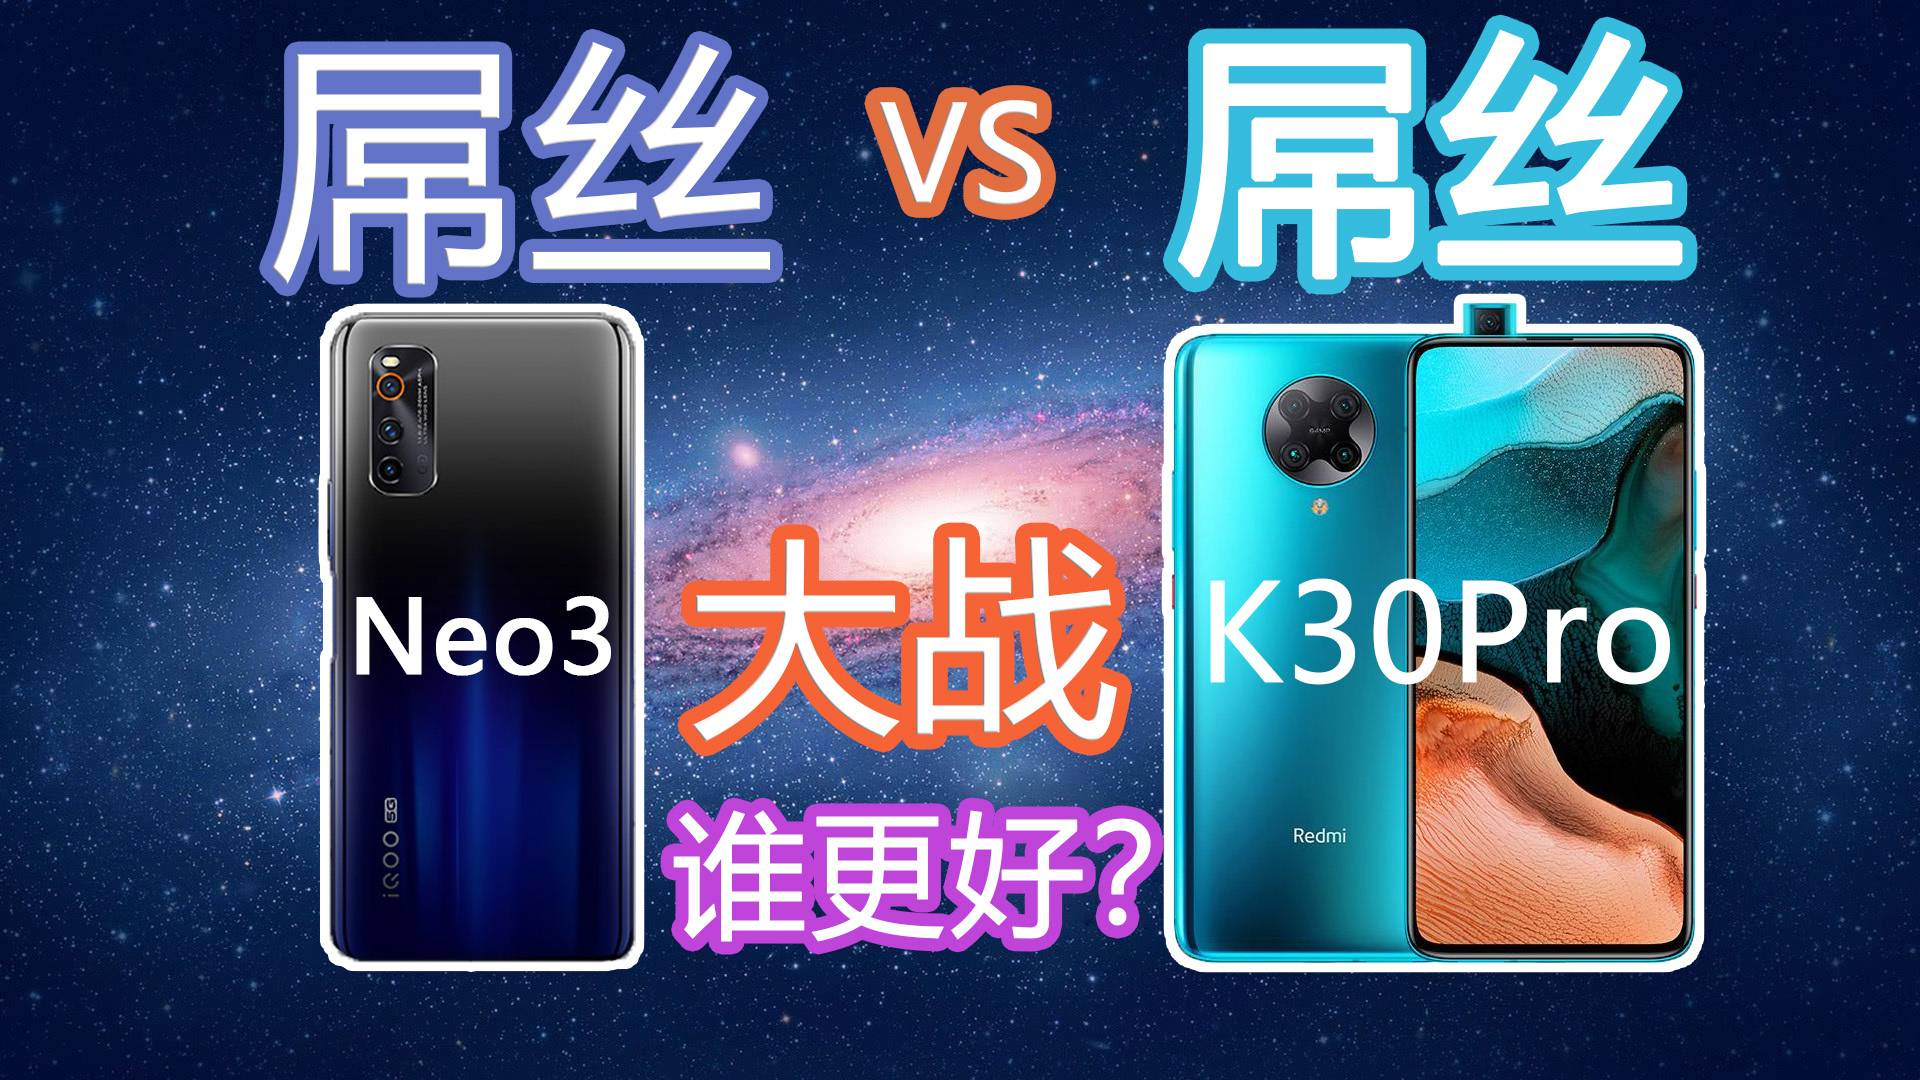 【屌丝大战】IQOO Neo3对比红米K30Pro,哪个值得买?最便宜骁龙865之间的对决